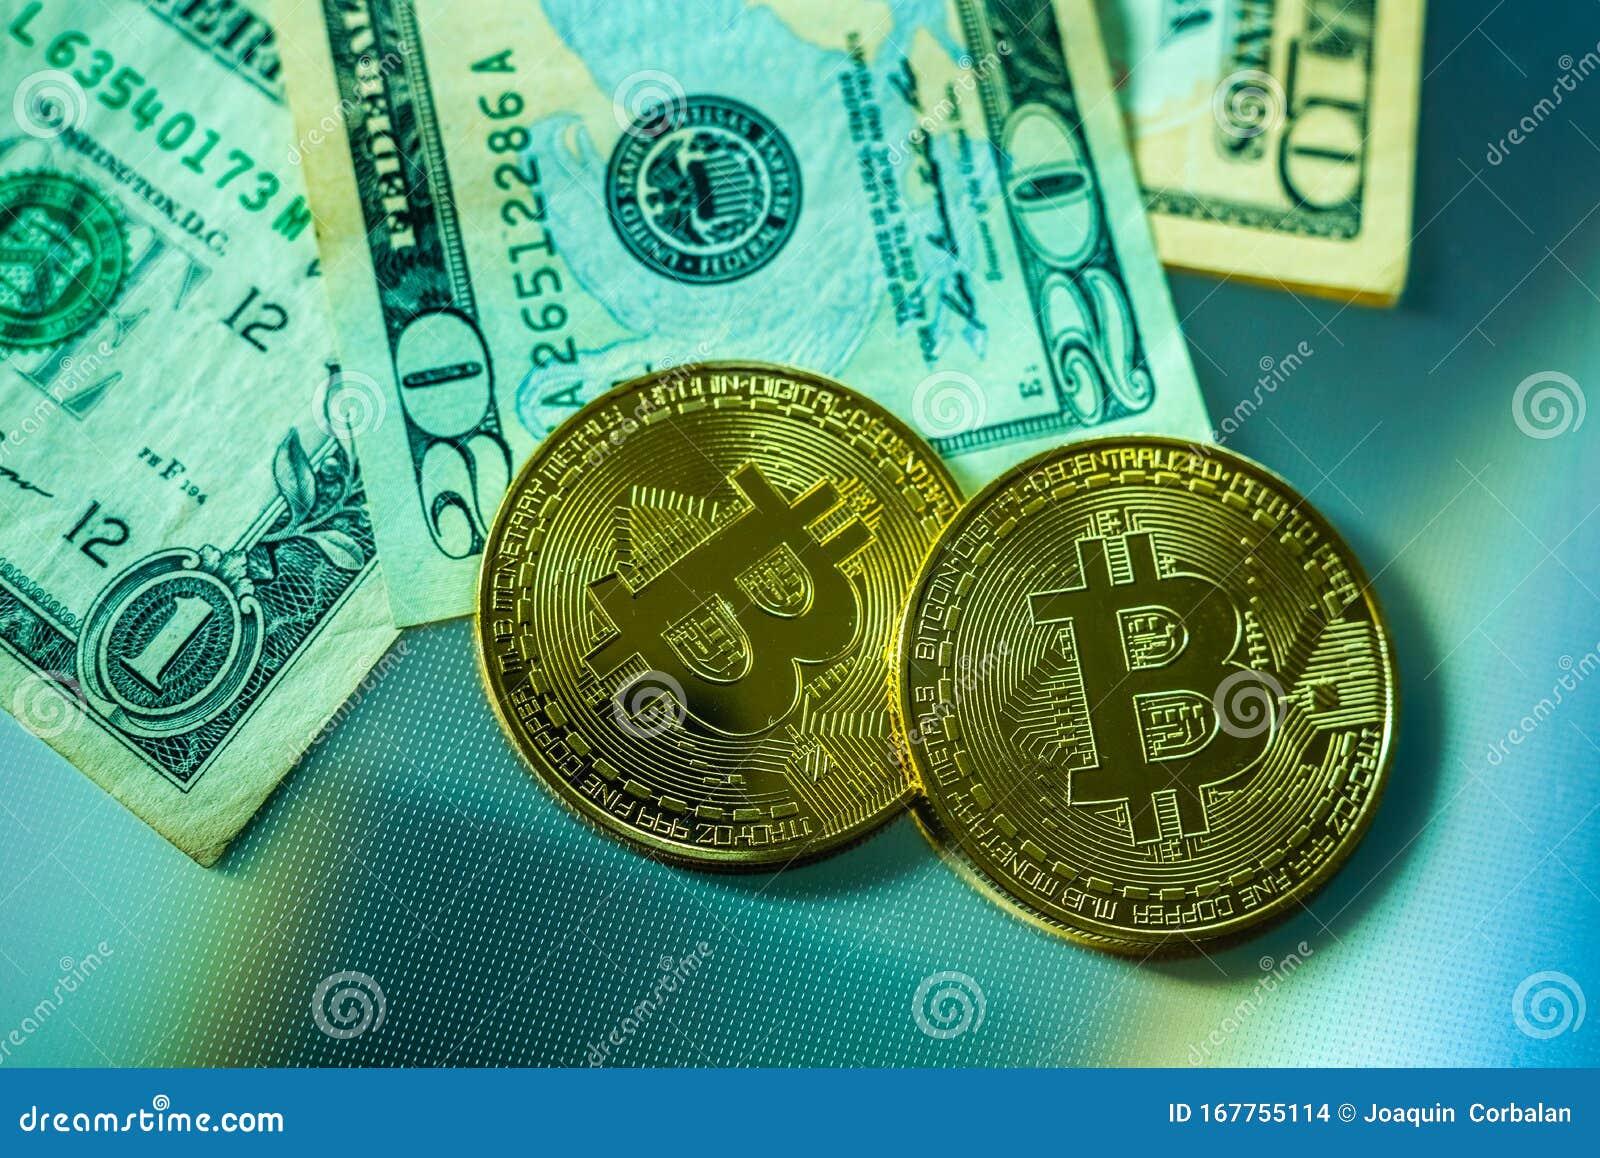 Cine a inventat dolarul: istoria, etapele și evoluția - Valută - 2021